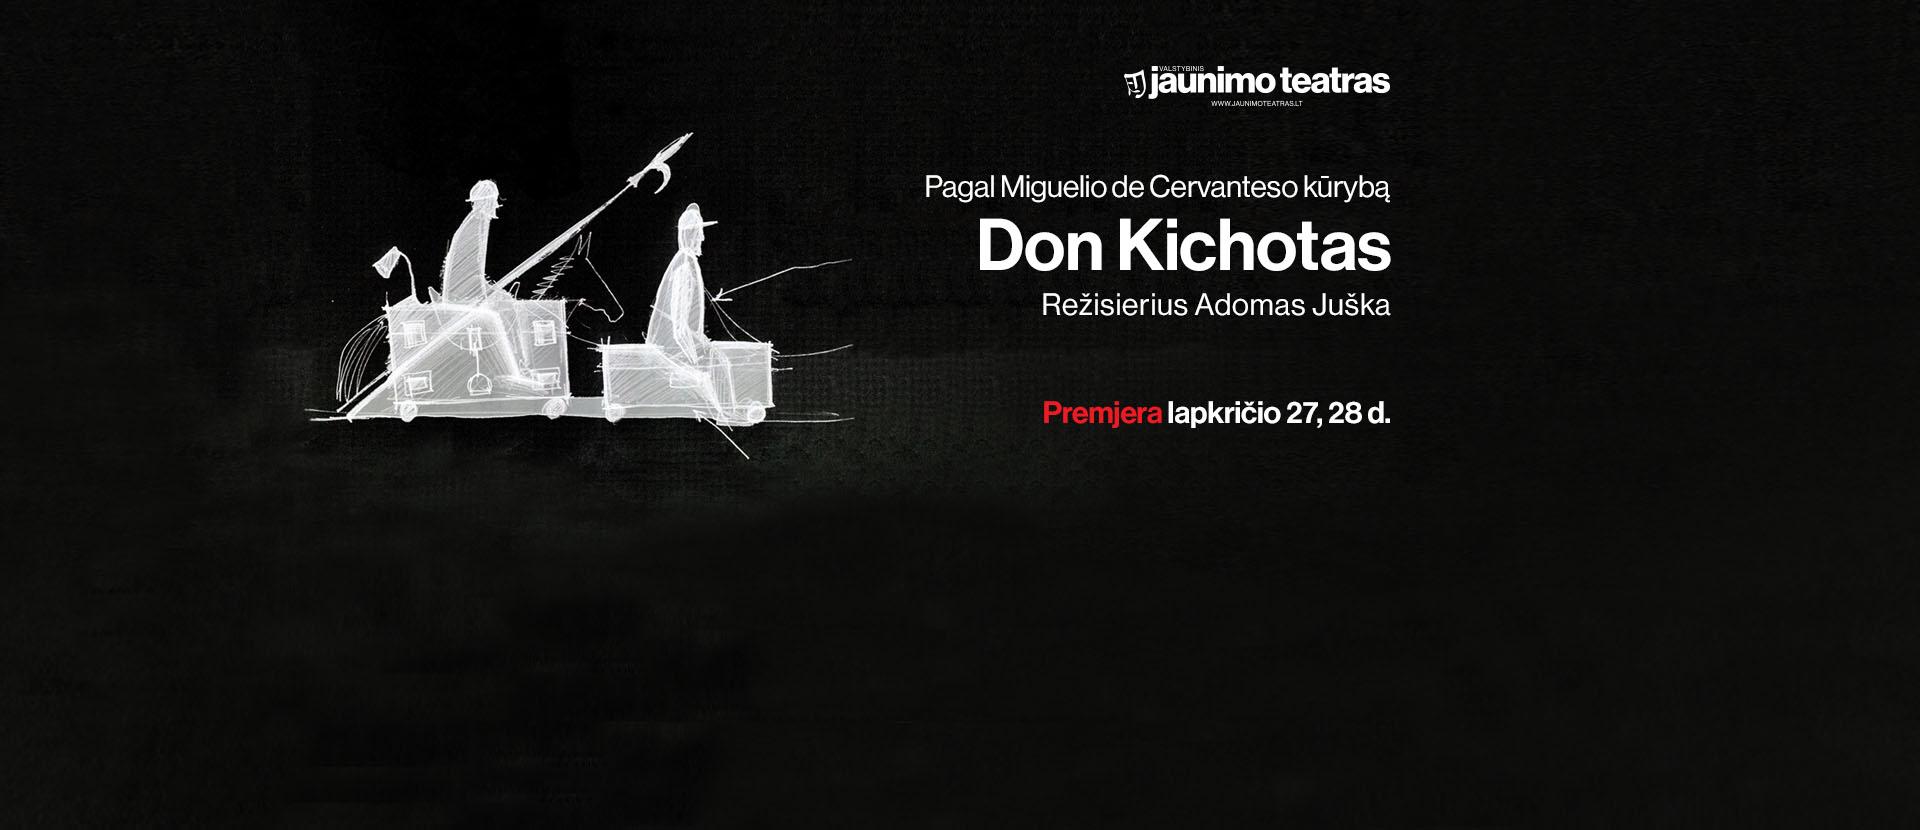 Premiere! Youth Theatre: DON QUIXOTE according to Miguel de Cervantes, Director Adomas Juška